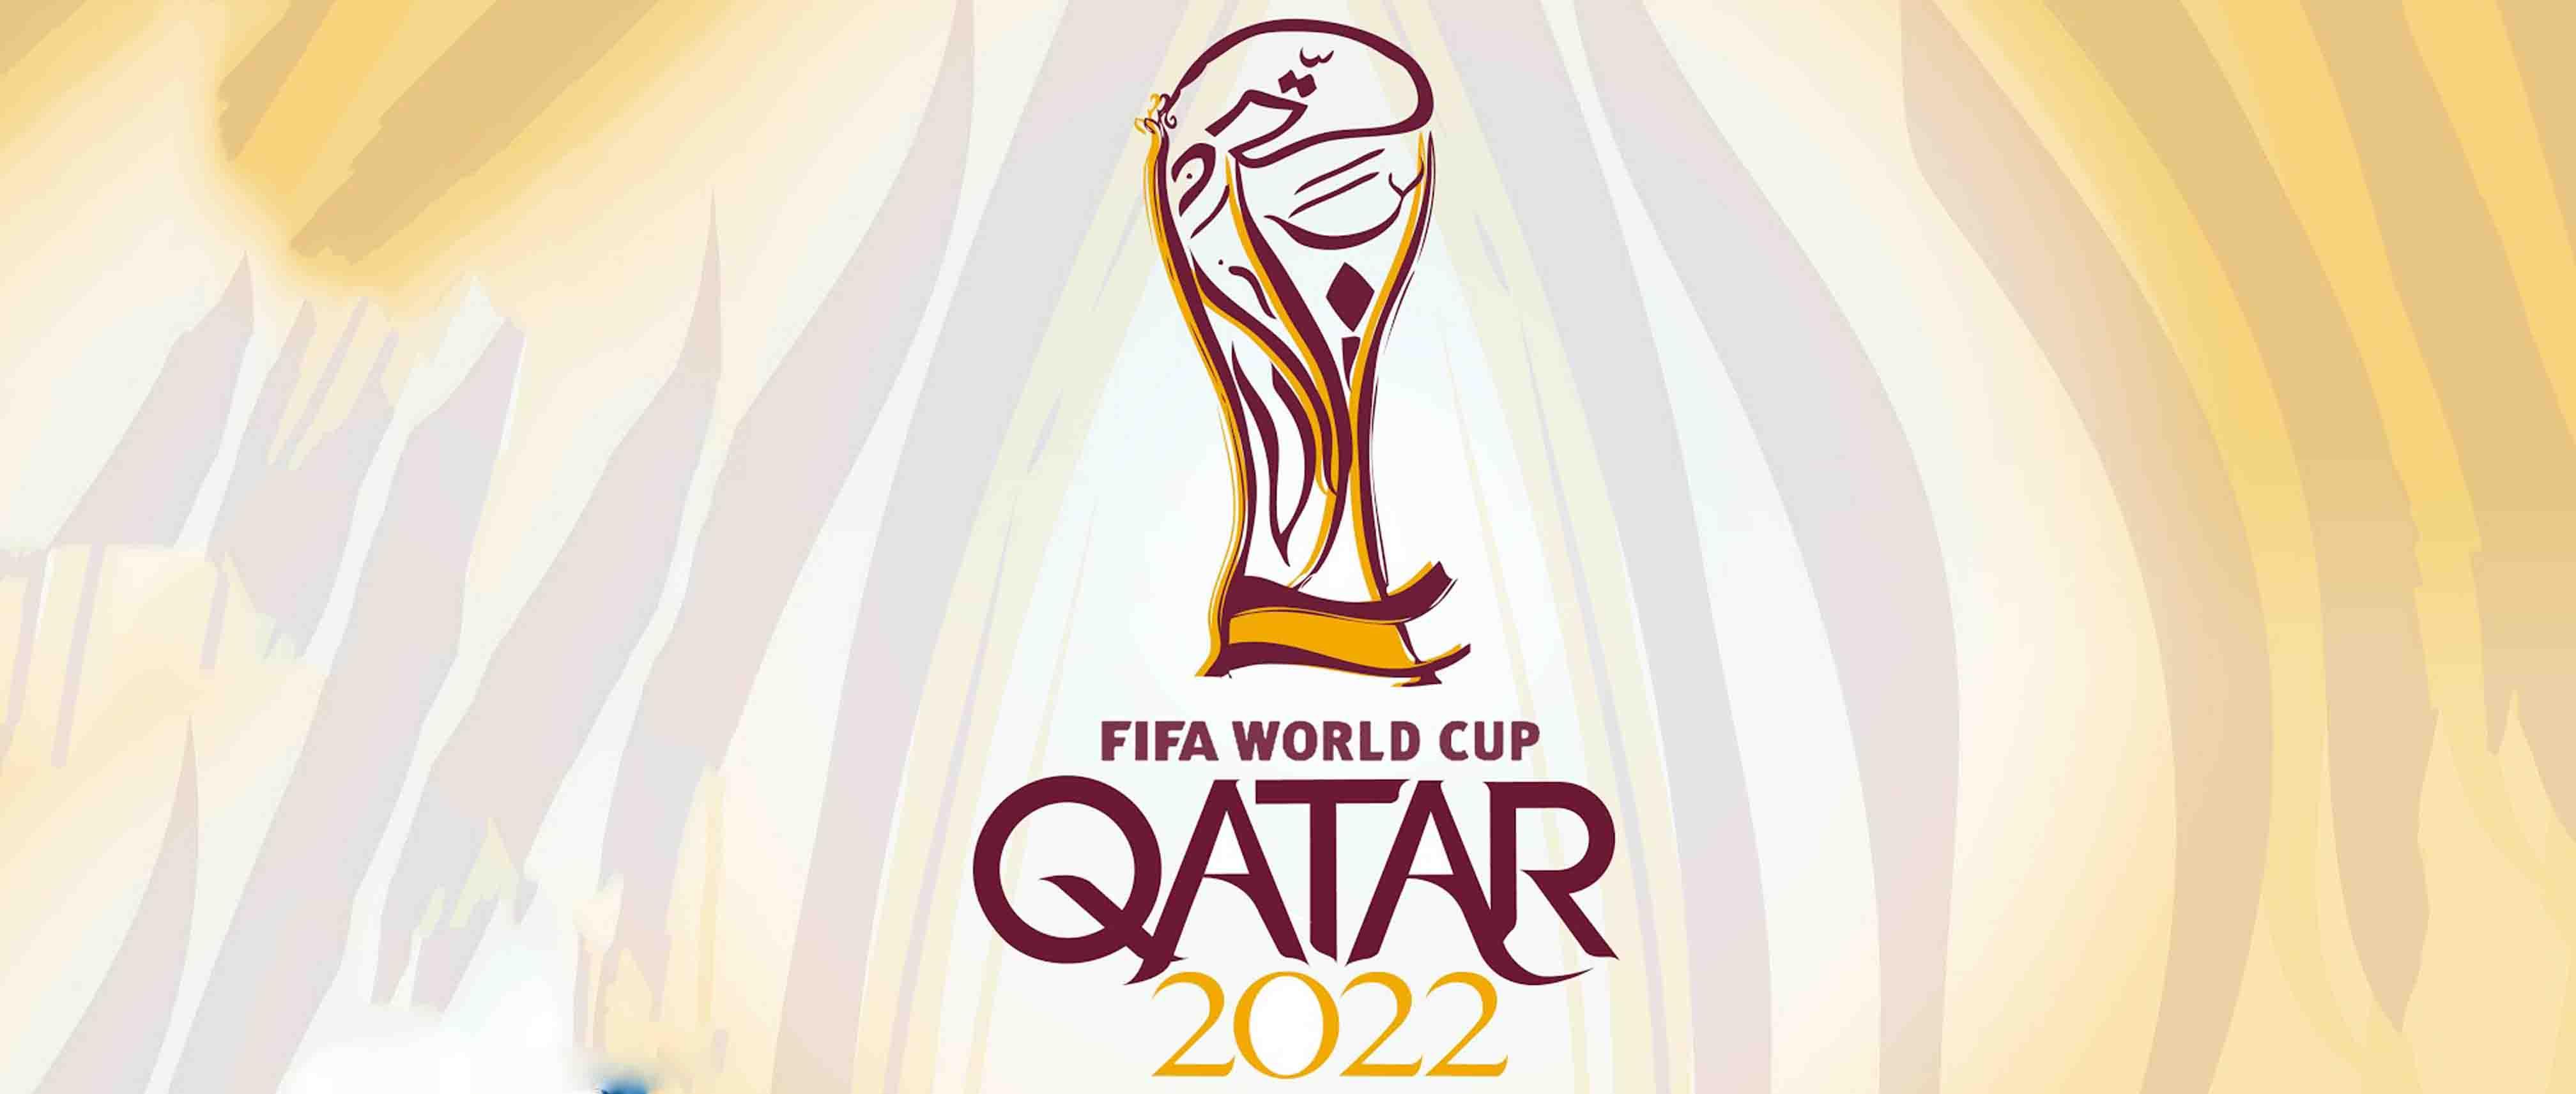 epc tracker, estadios de qatar 2022